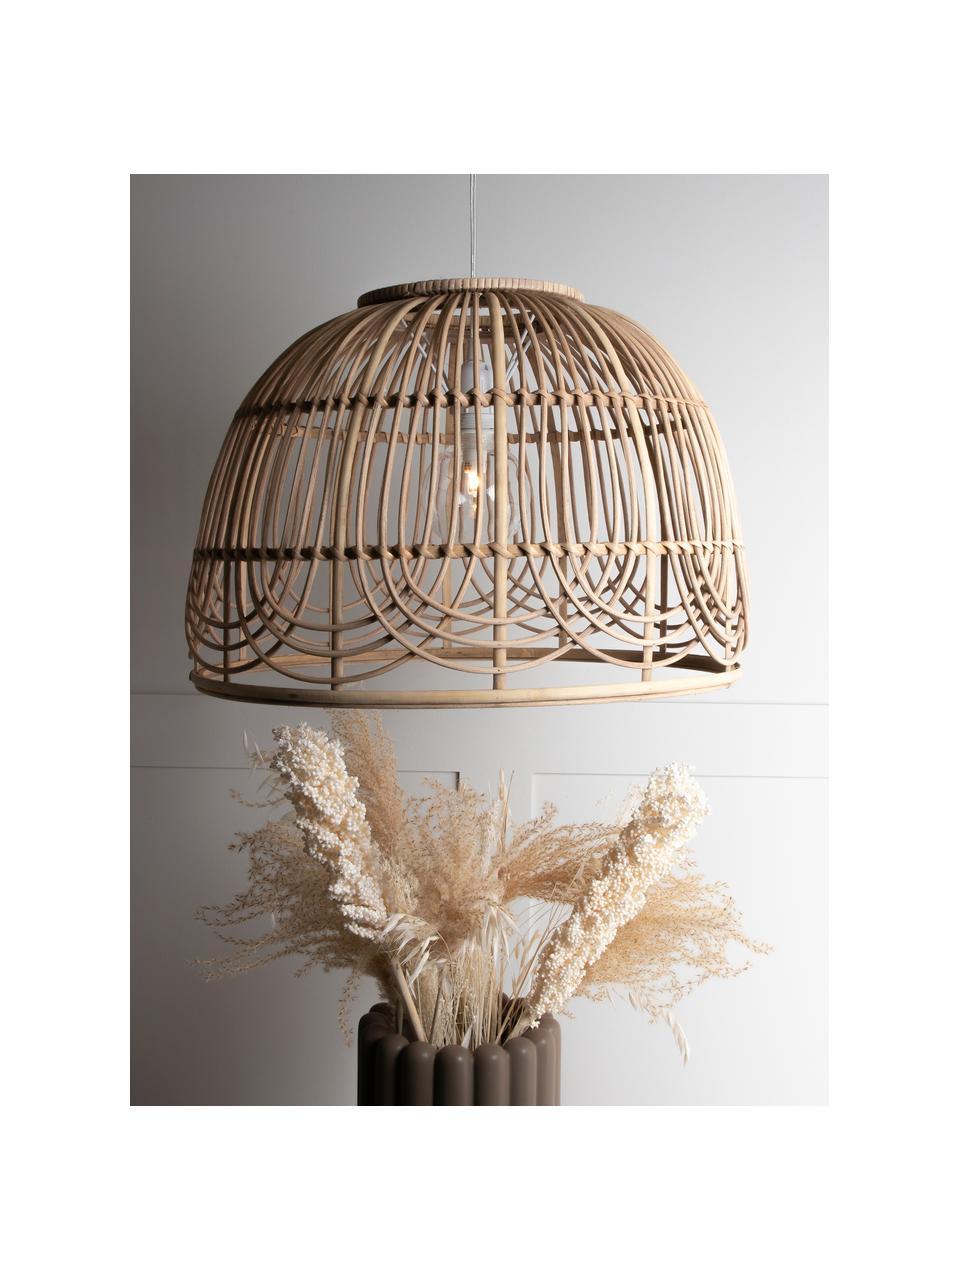 Lampa wisząca z rattanu Bahama, Rattan, Ø 35 x W 24 cm